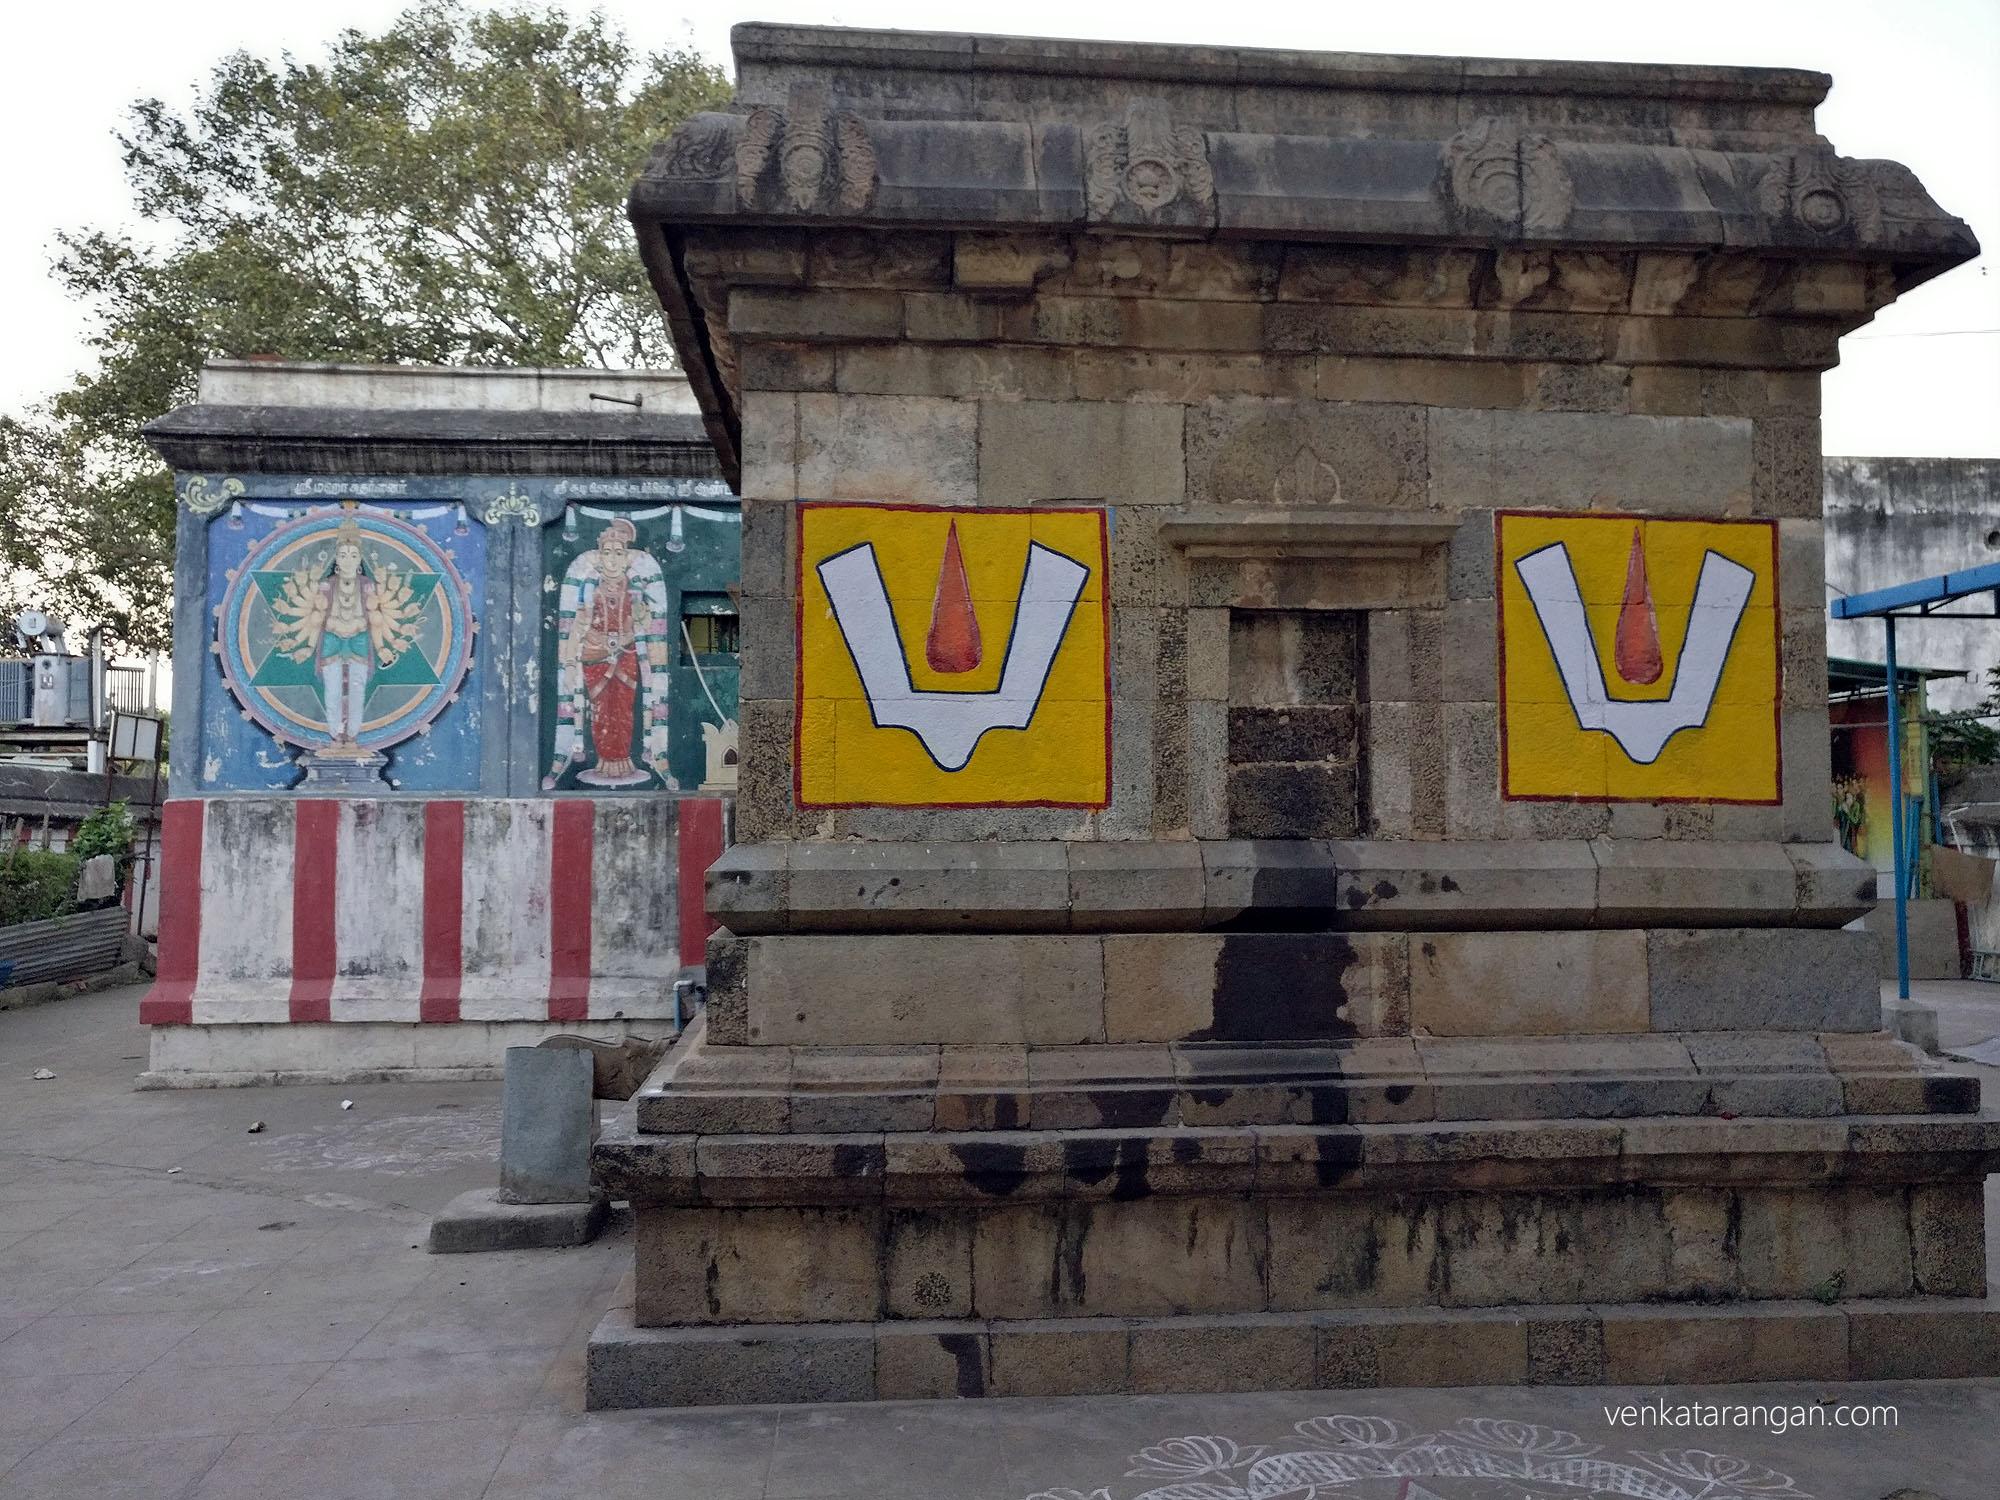 அருள்மிகு ஆதிலக்ஷ்மி தாயார் சமேத ஸ்ரீ ஆதிமூலப் பெருமாள் திருக்கோயில்